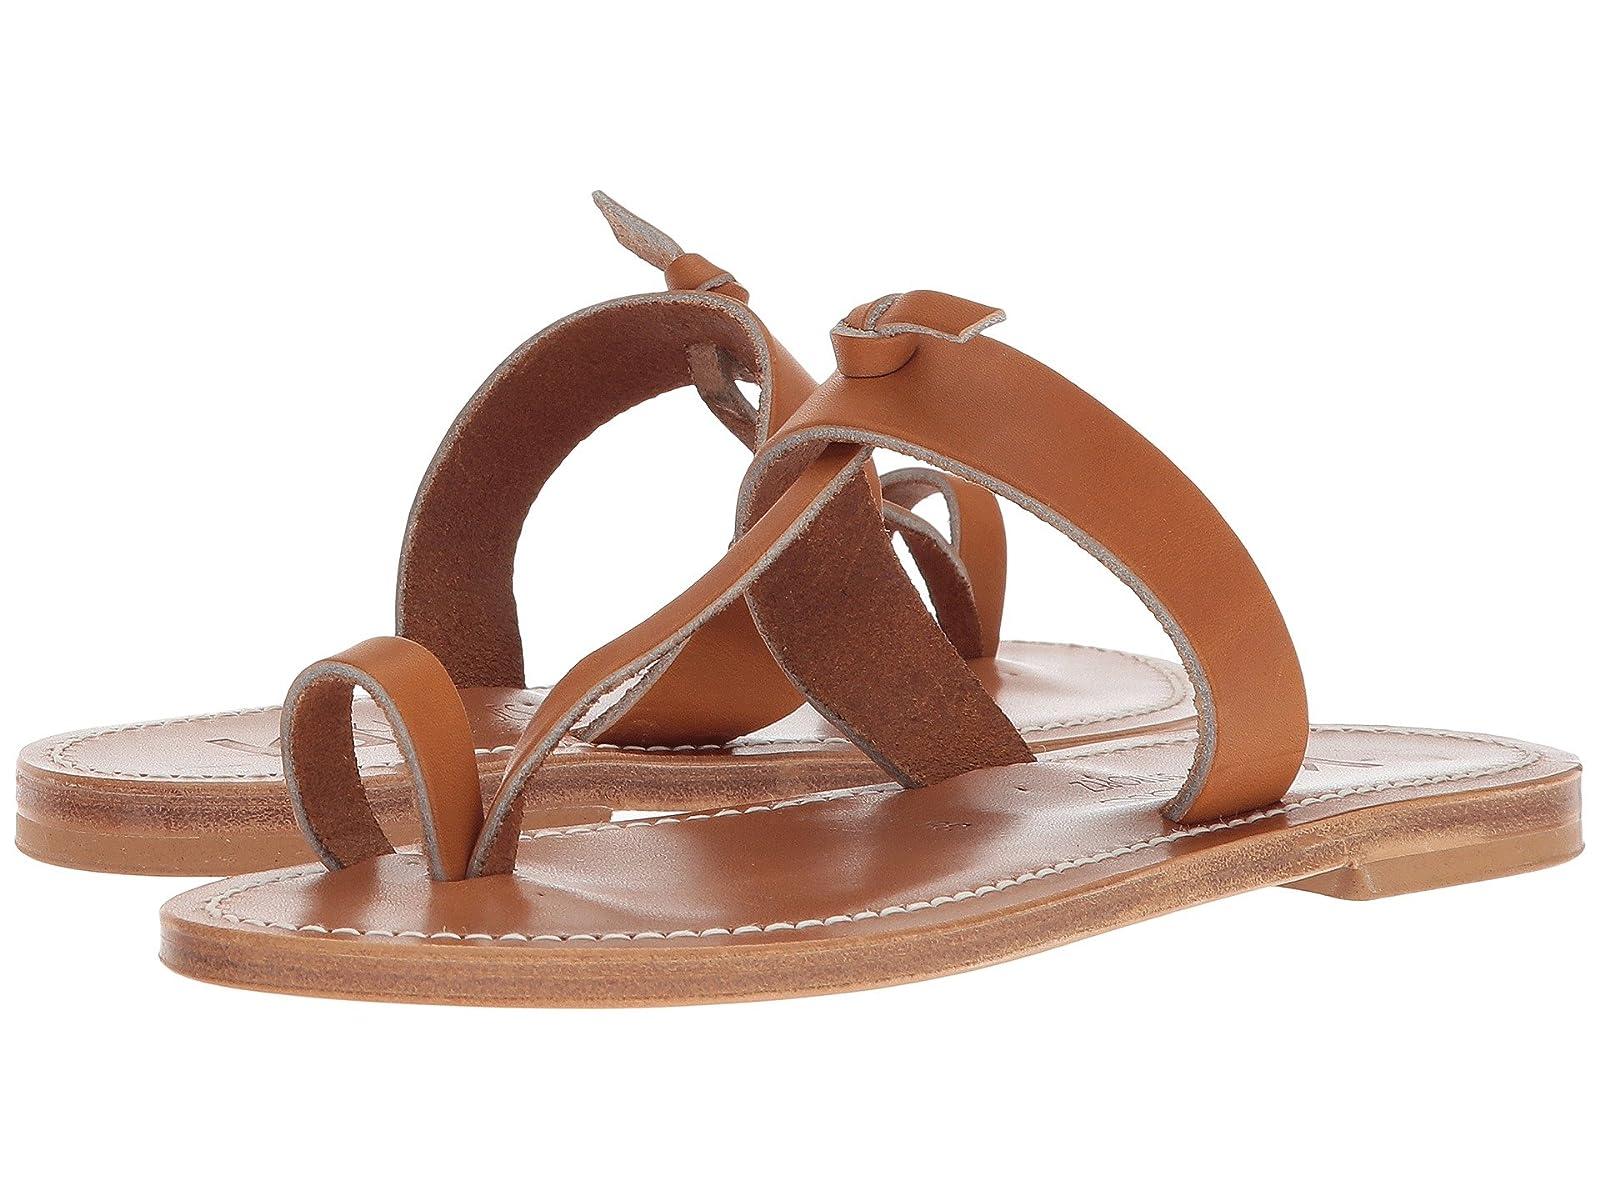 K.Jacques Ganges Pul SandalAtmospheric grades have affordable shoes